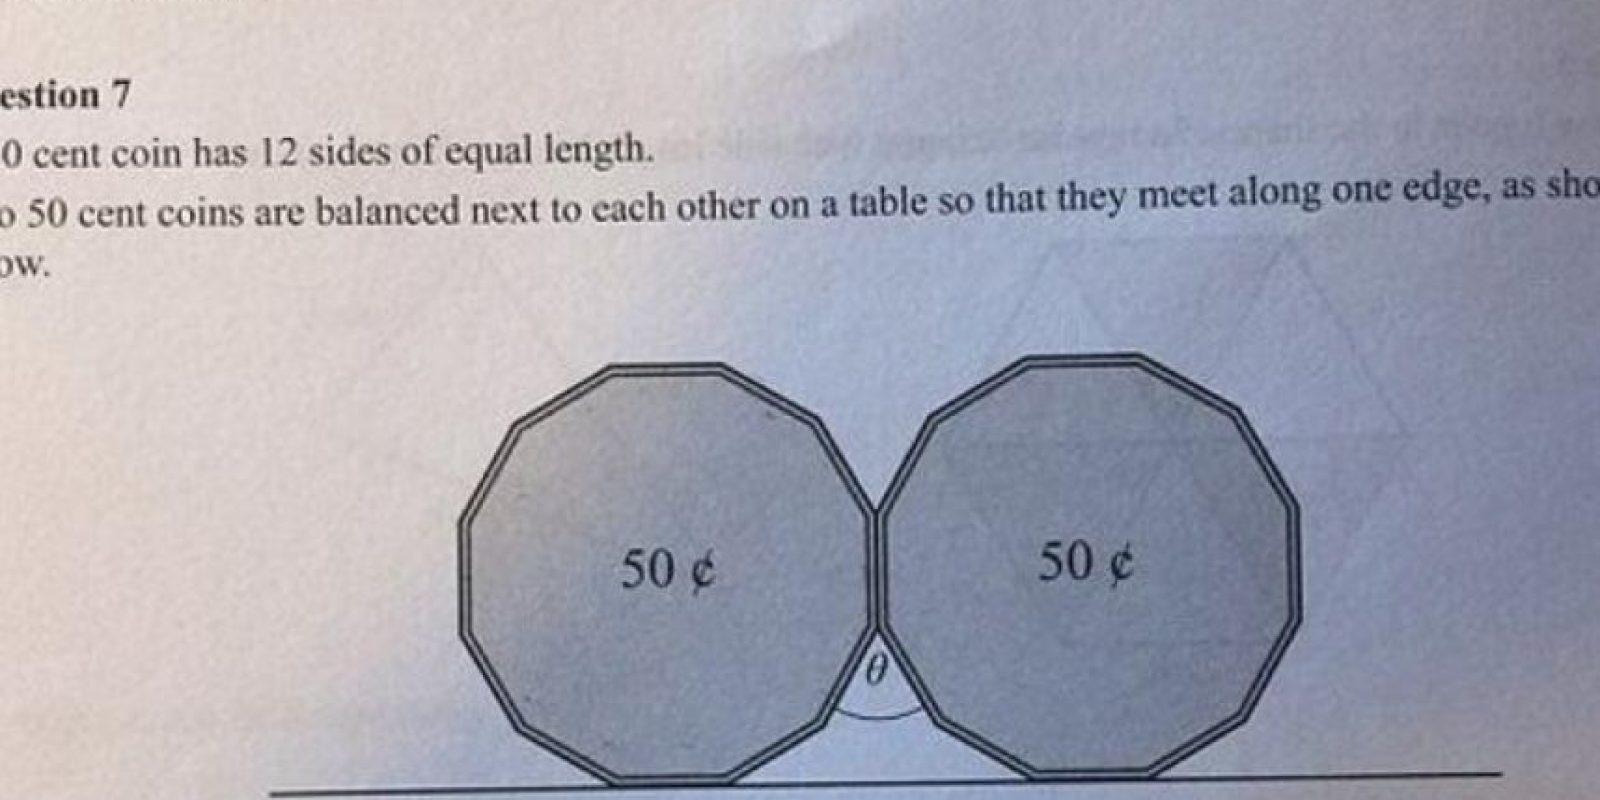 Los desafíos matemáticos suelen tener mucha popularidad en las redes sociales. Foto:YouTube/screengrab. Imagen Por: